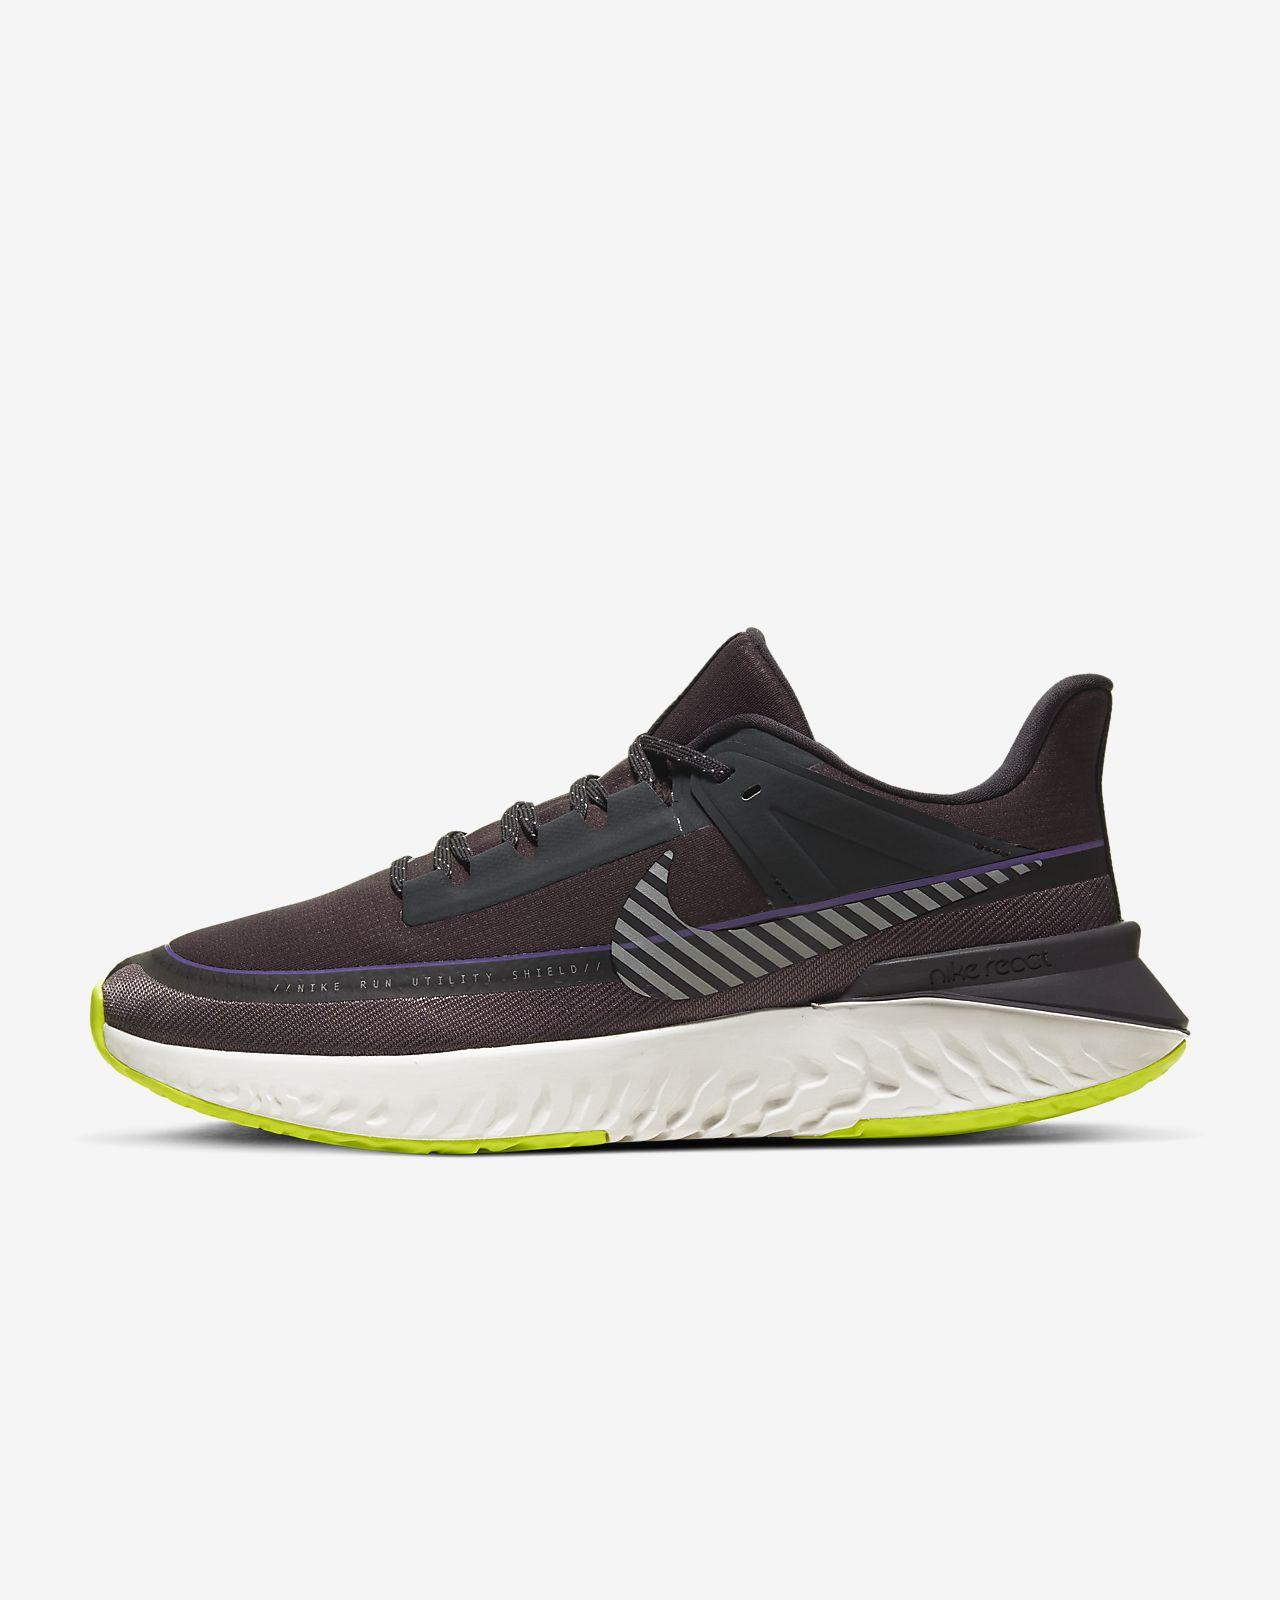 Ανδρικό παπούτσι για τρέξιμο Nike Legend React 2 Shield